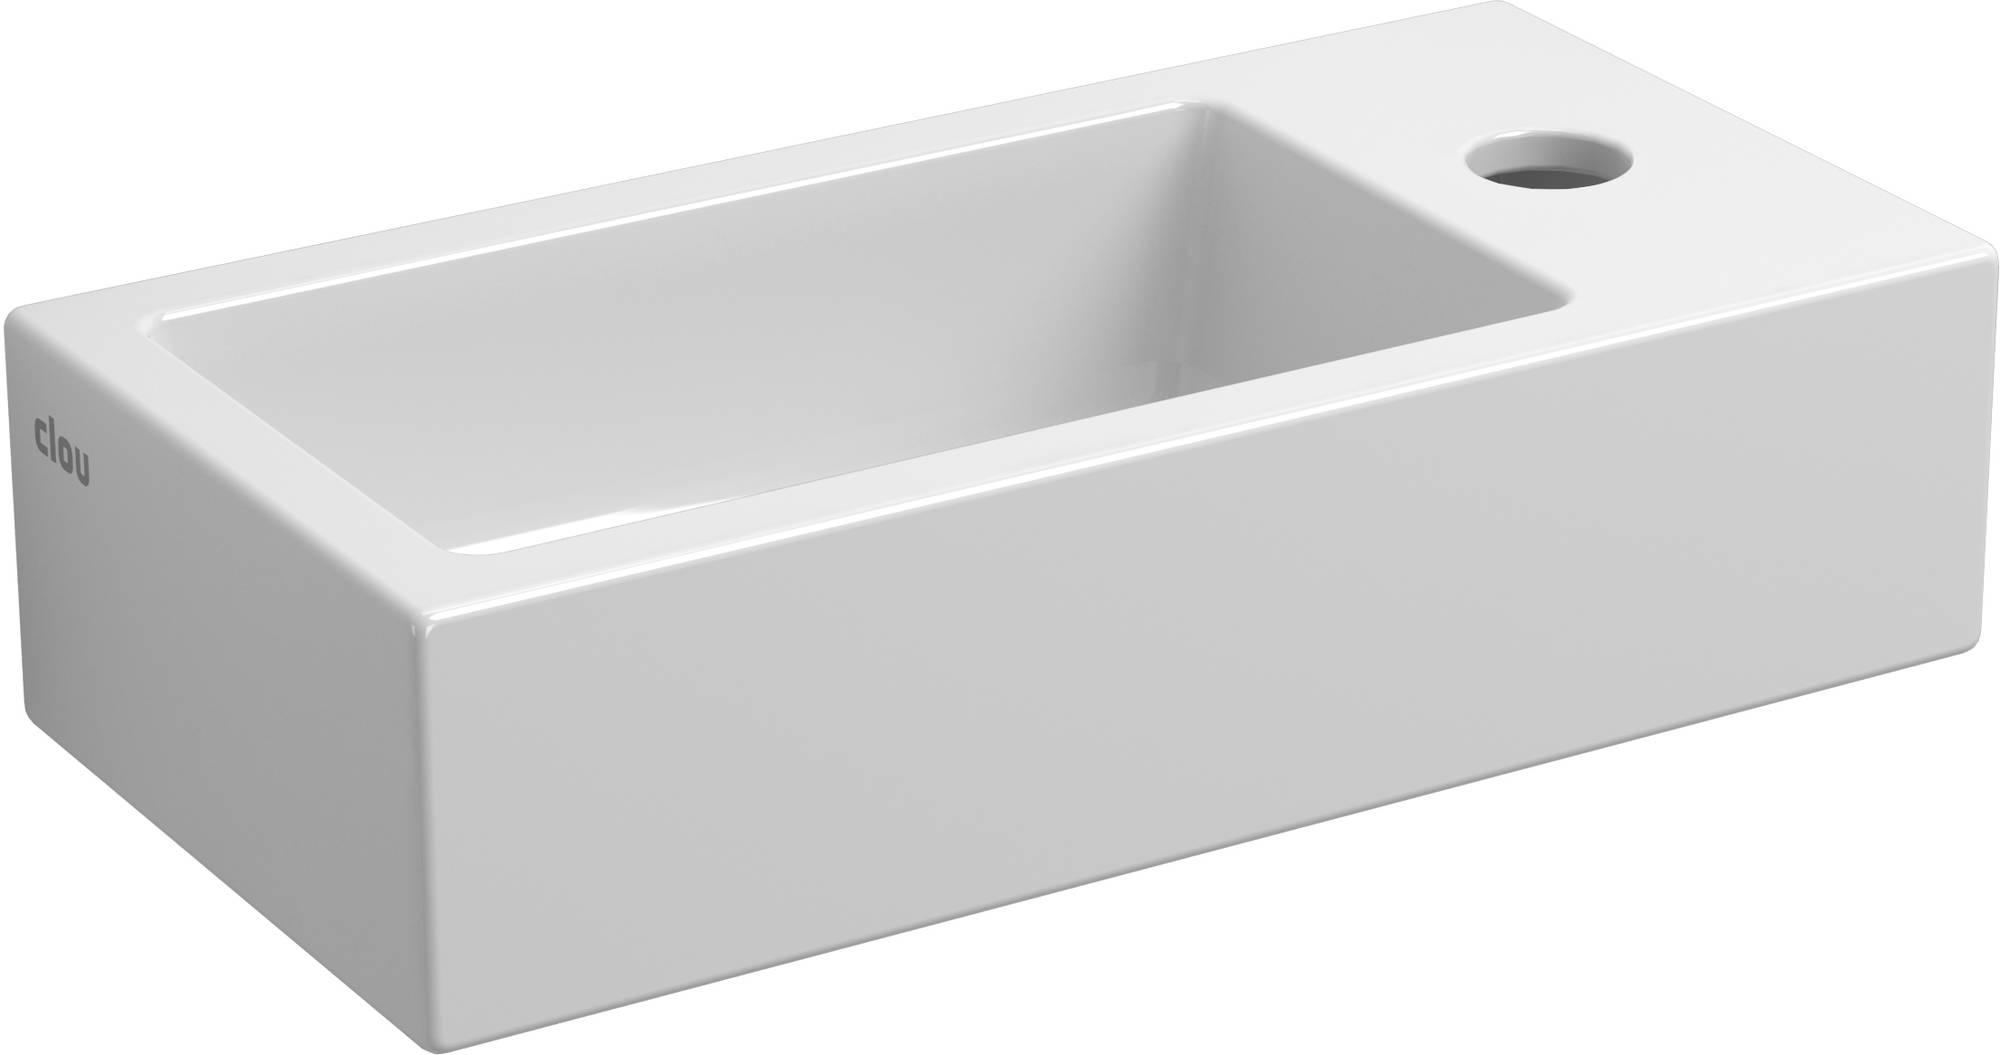 Clou Flush fontein (flush 3) met kraangat rechts met plug wit keramiek